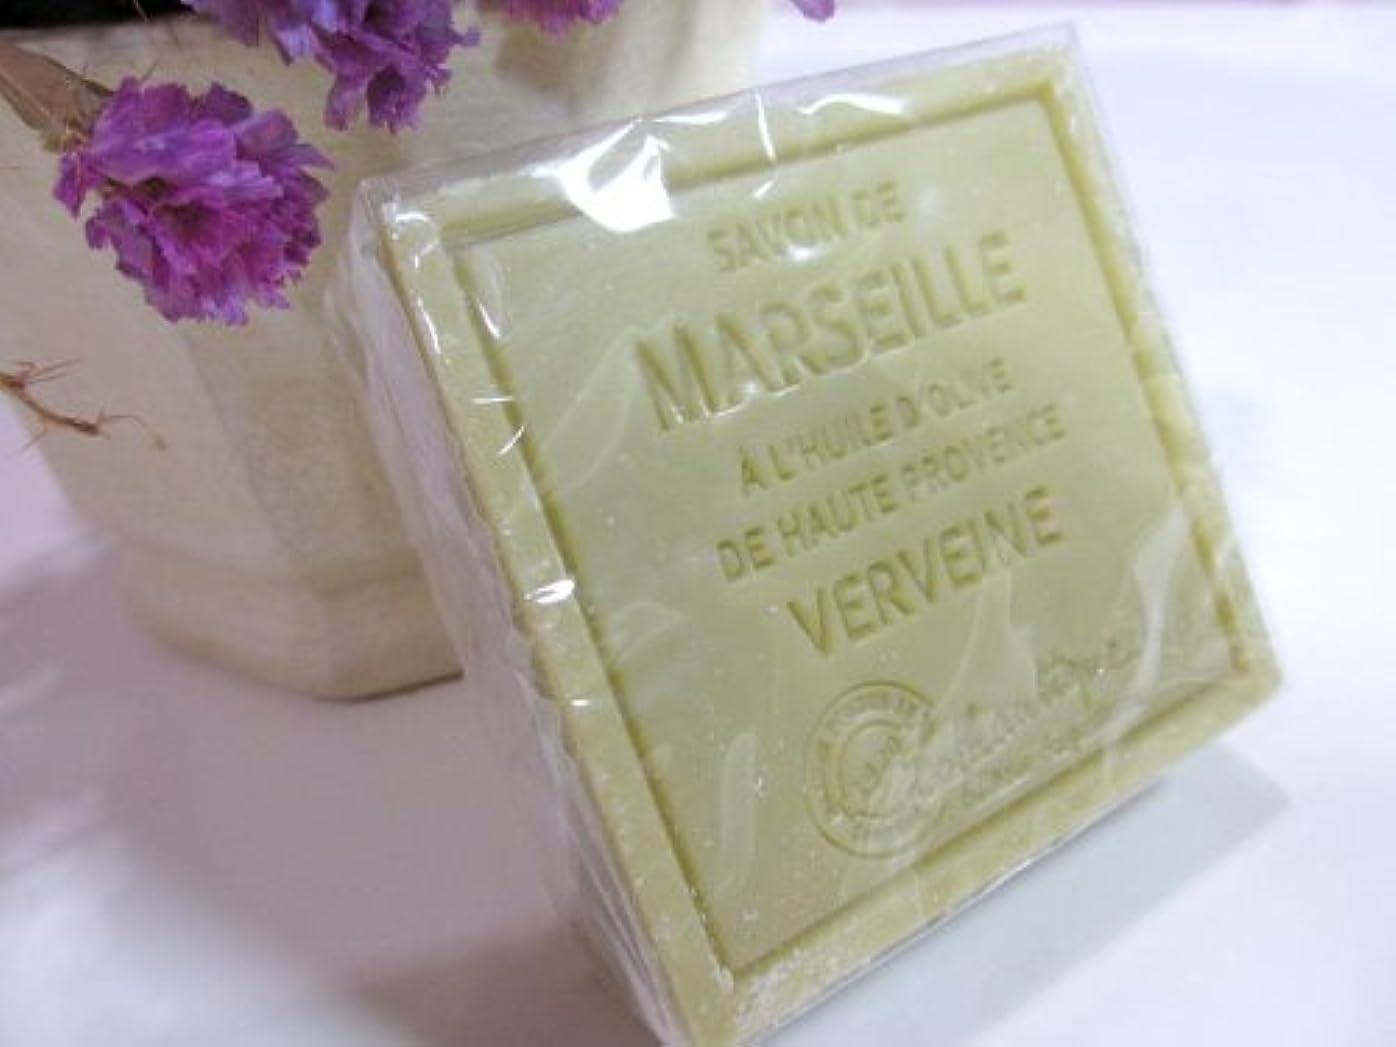 狂った想定先見の明Lothantique(ロタンティック) Les savons de Marseille(マルセイユソープ) マルセイユソープ 100g 「ベルベーヌ」 3420070038142